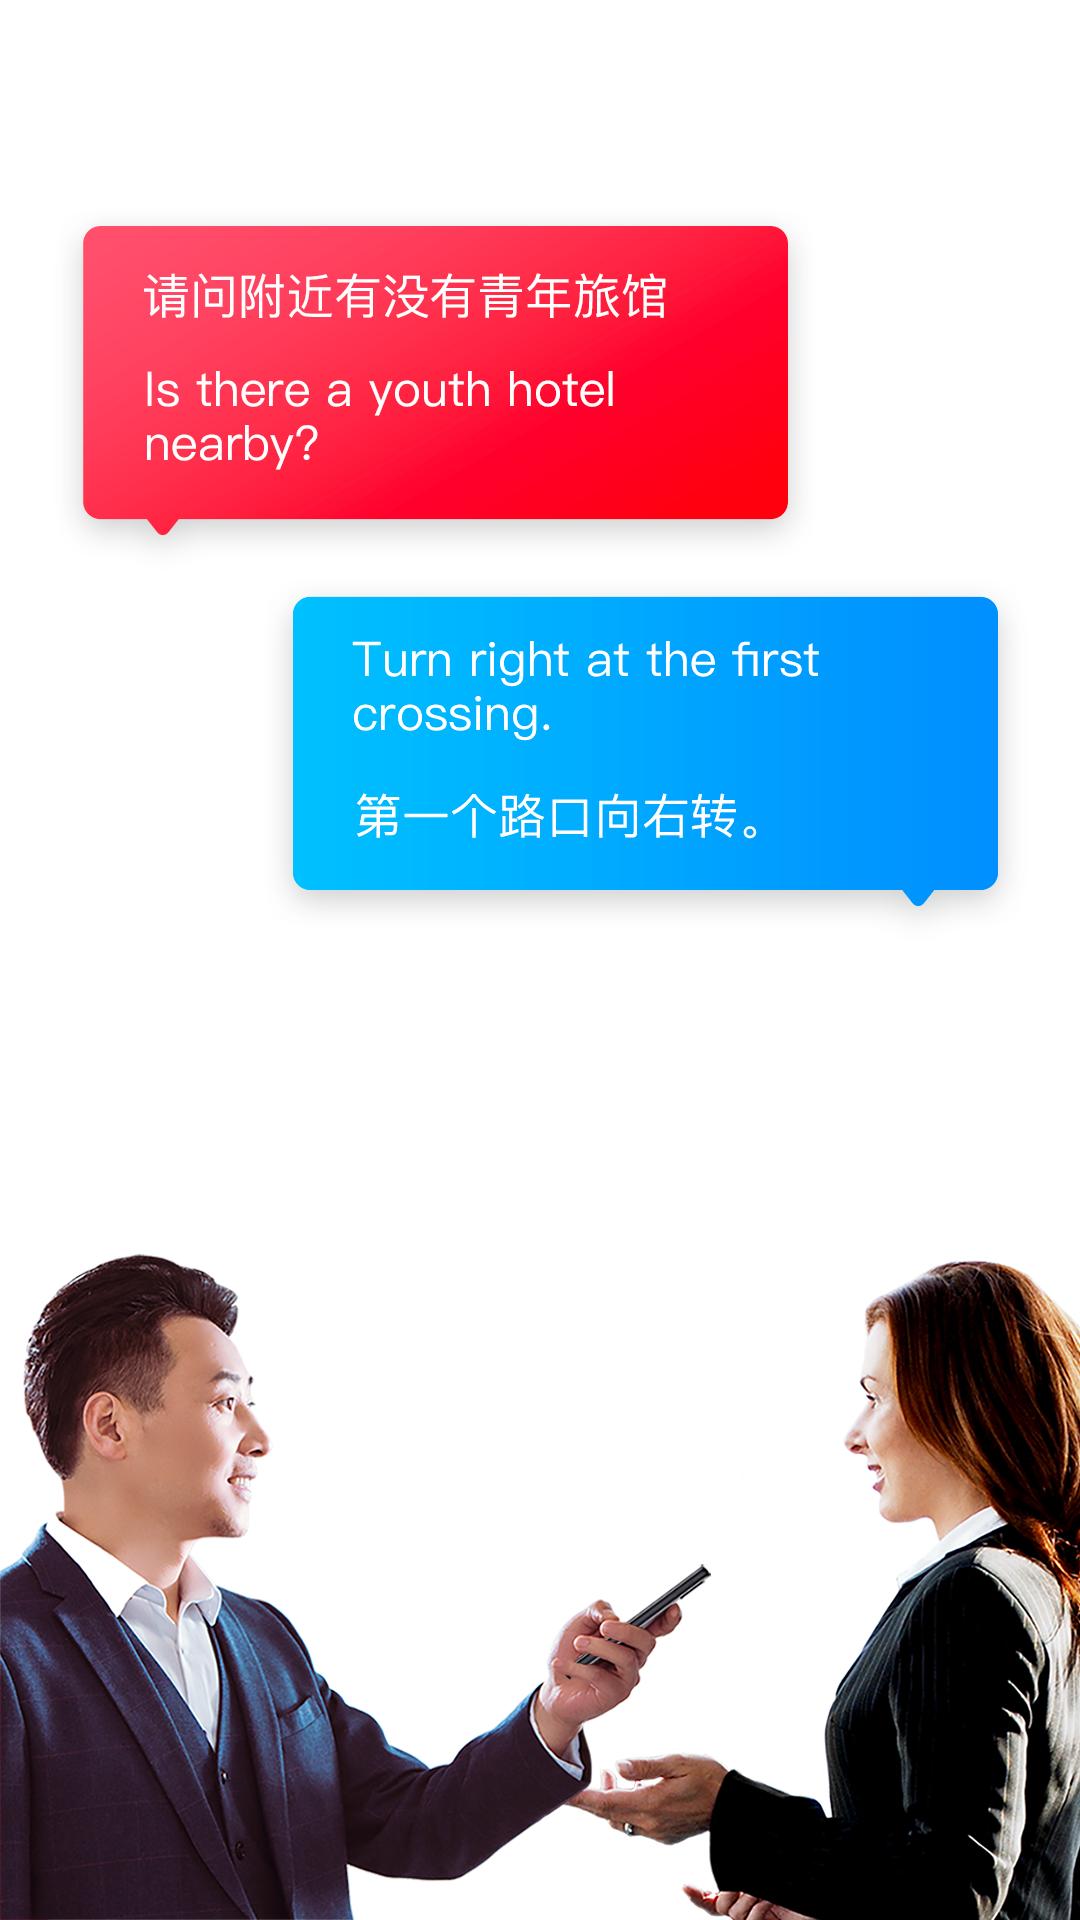 讯飞翻译下载_讯飞翻译手机版下载_讯飞翻译